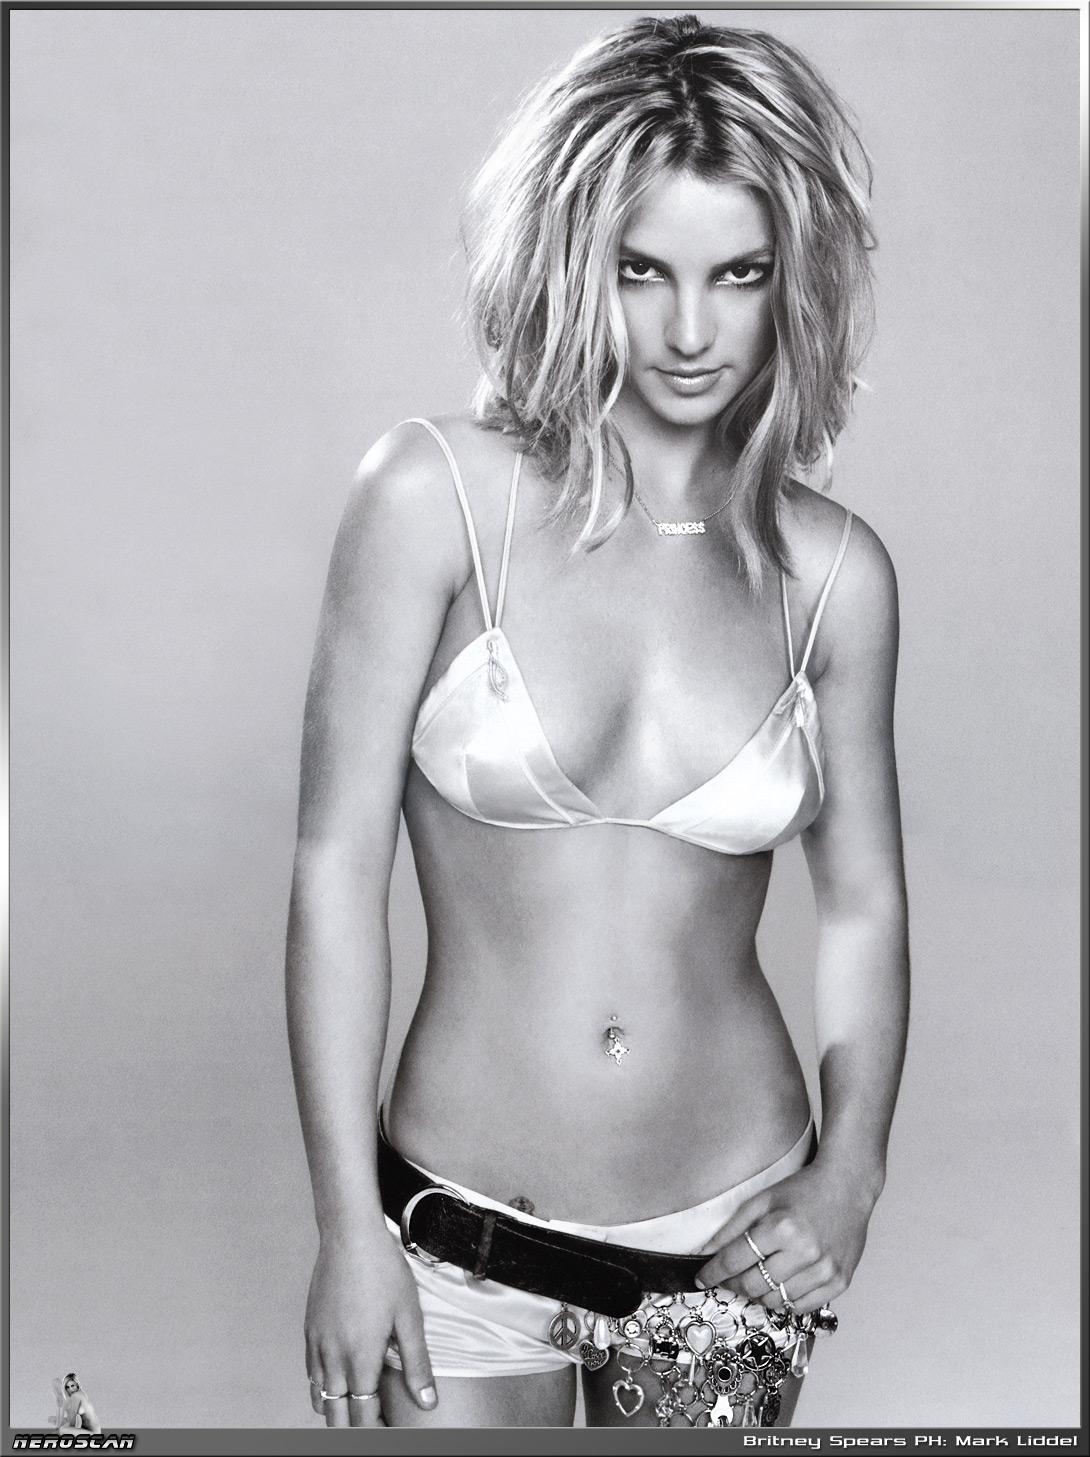 Britney spears nakt #15